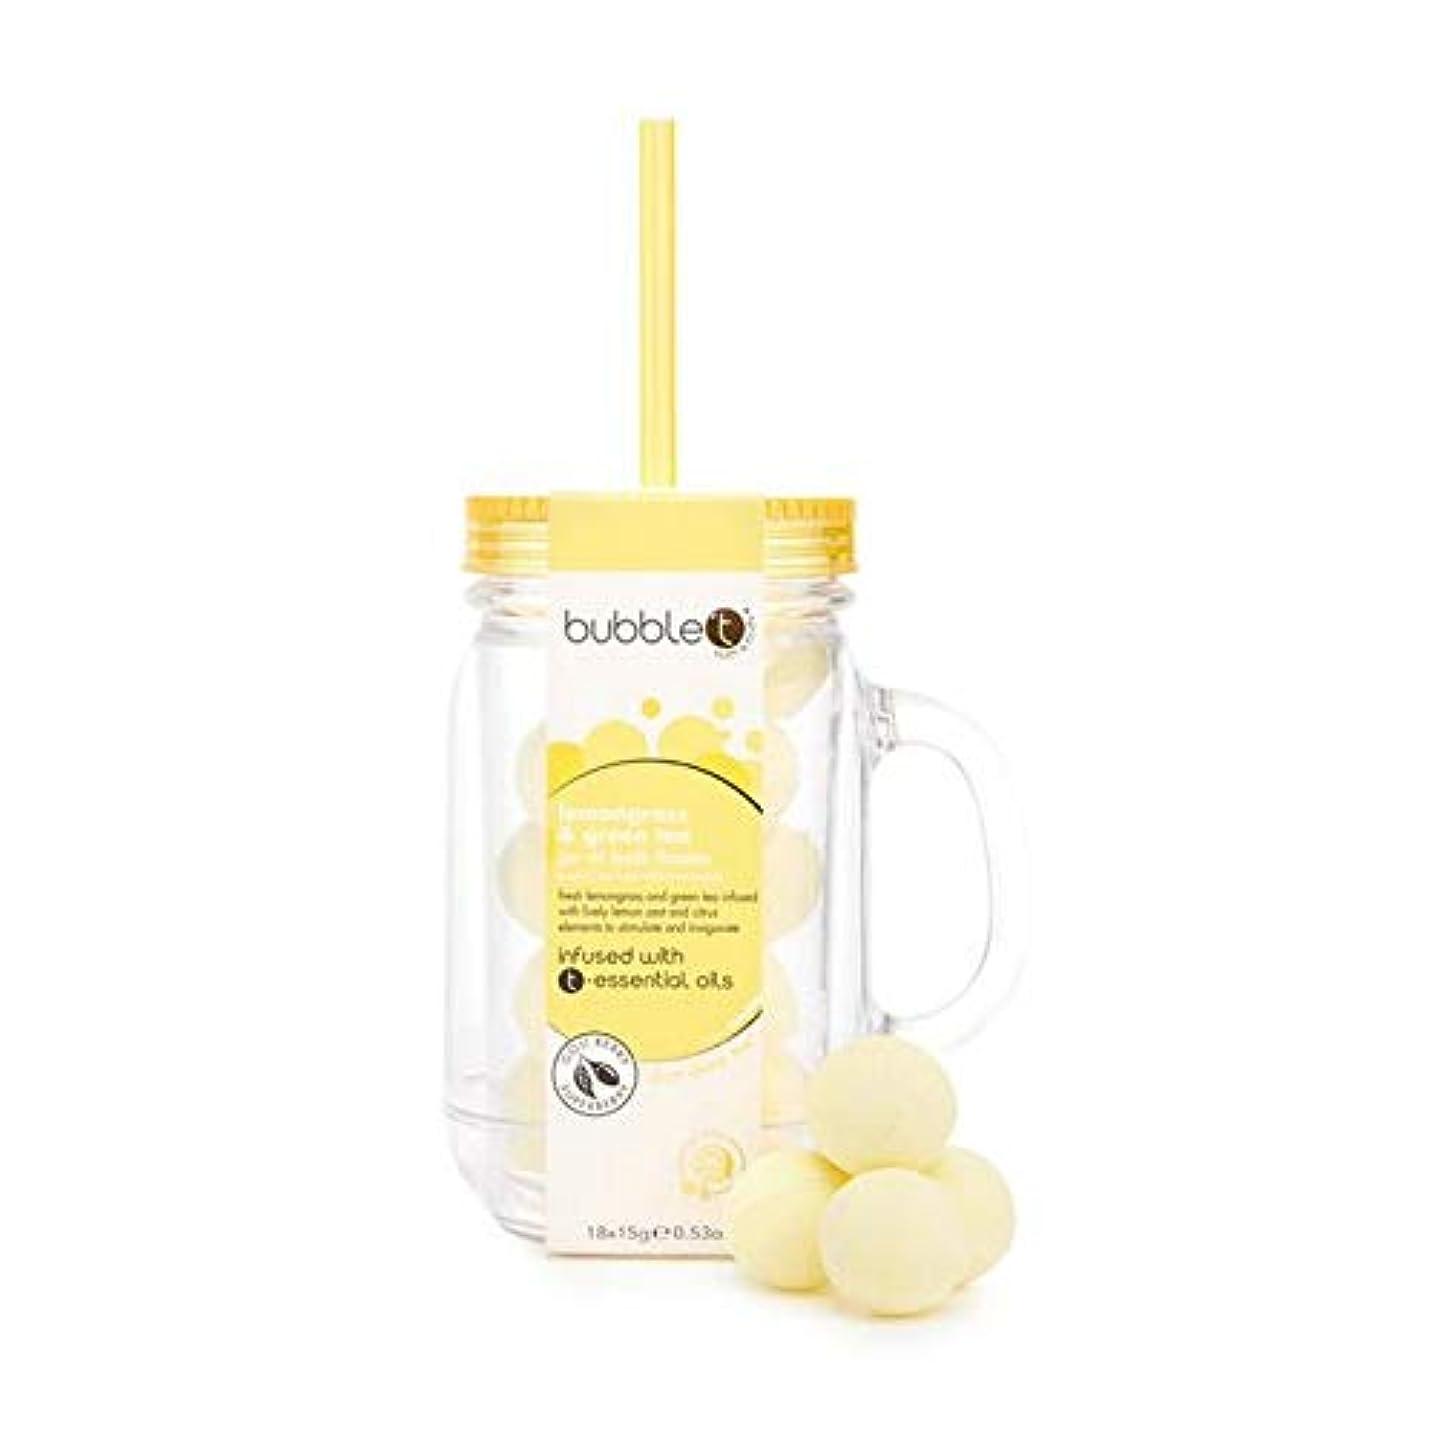 意味のある類人猿注意[BUBBLE T] バブルトン風呂Fizziesメイソンジャー、レモングラス&緑茶 - Bubble T Bath Fizzies Mason Jar, Lemongrass & Green Tea [並行輸入品]